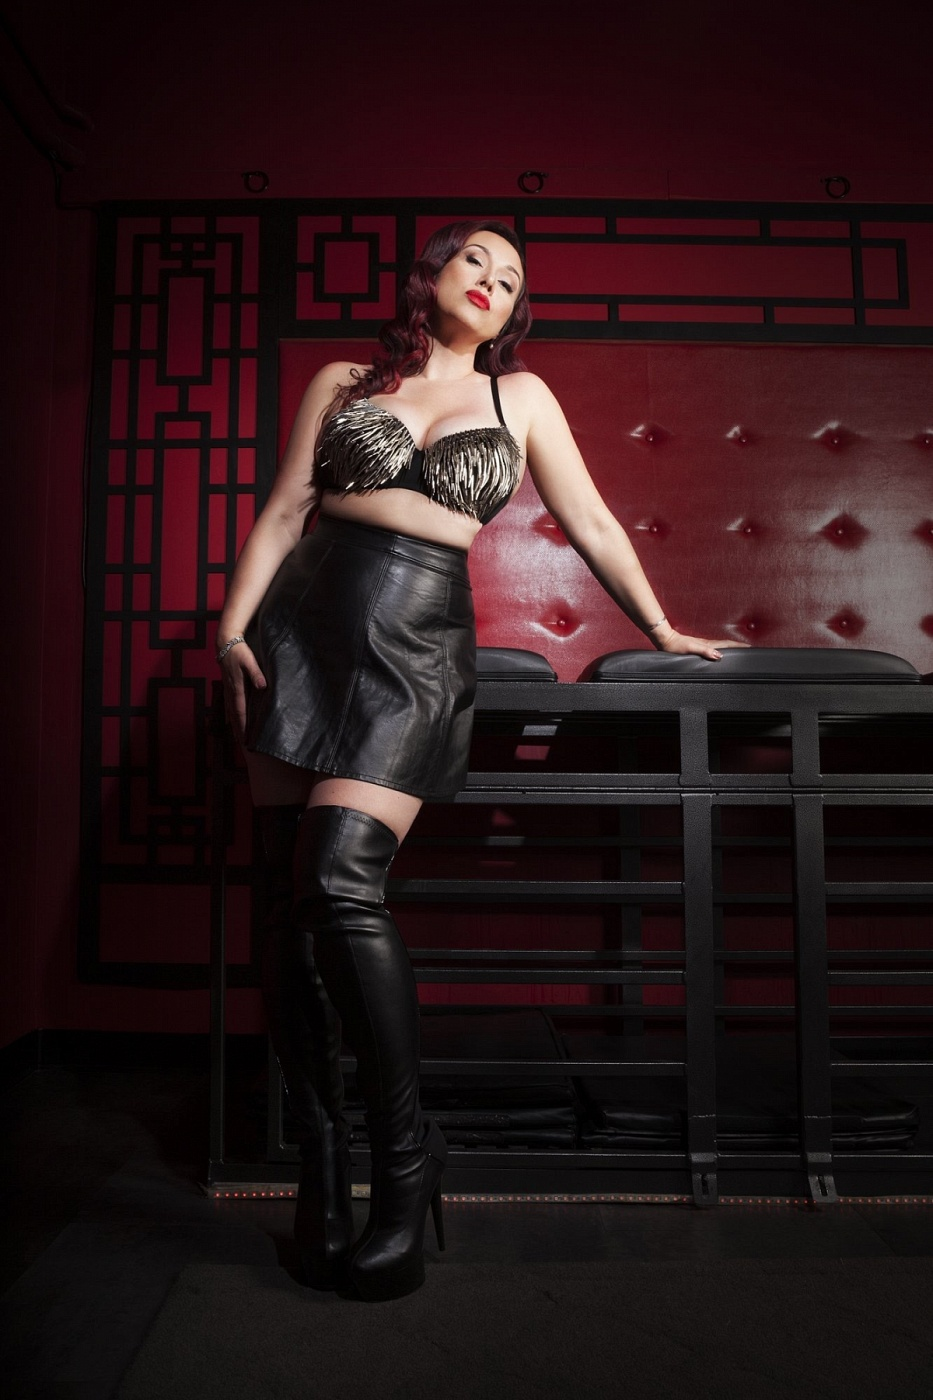 Mistress Daria